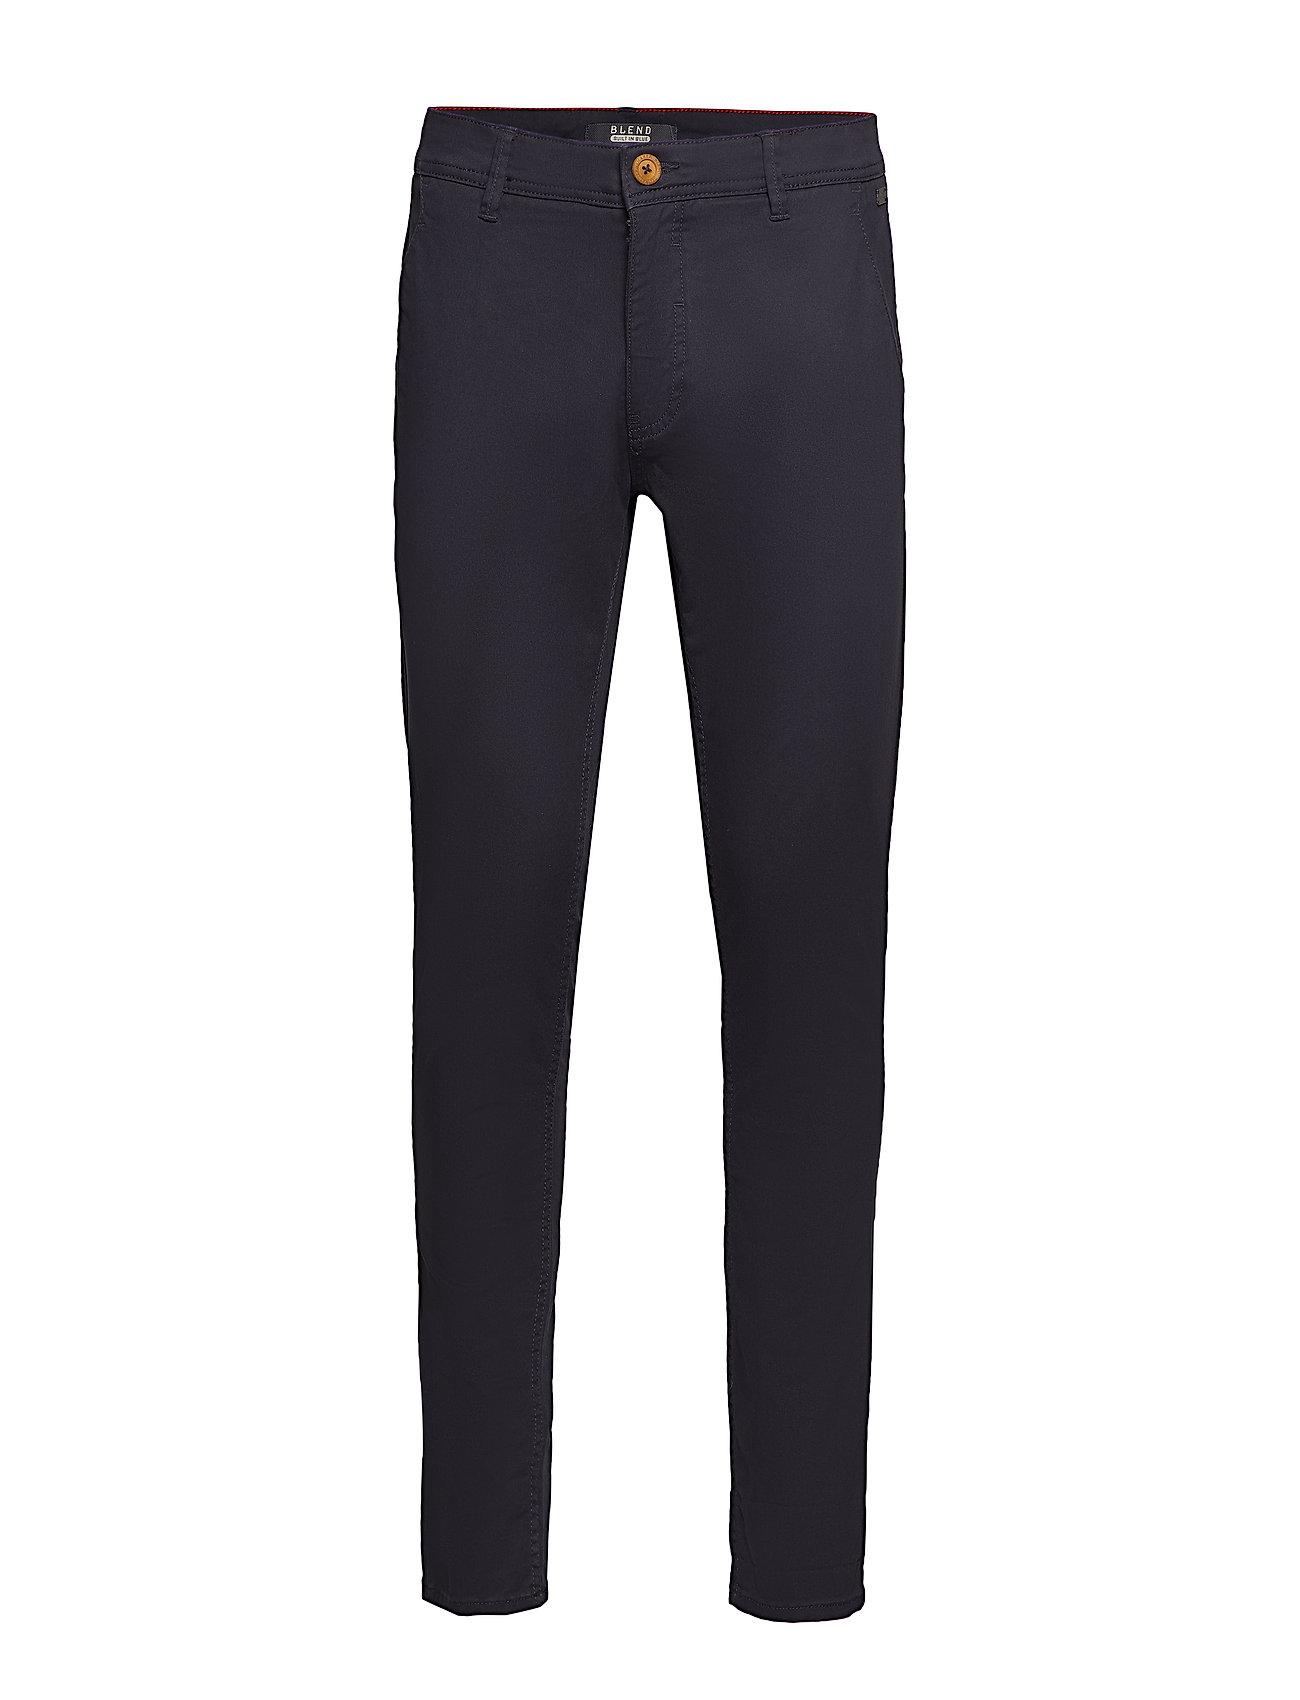 Blend BHNATAN pants NOOS - DARK NAVY BLUE